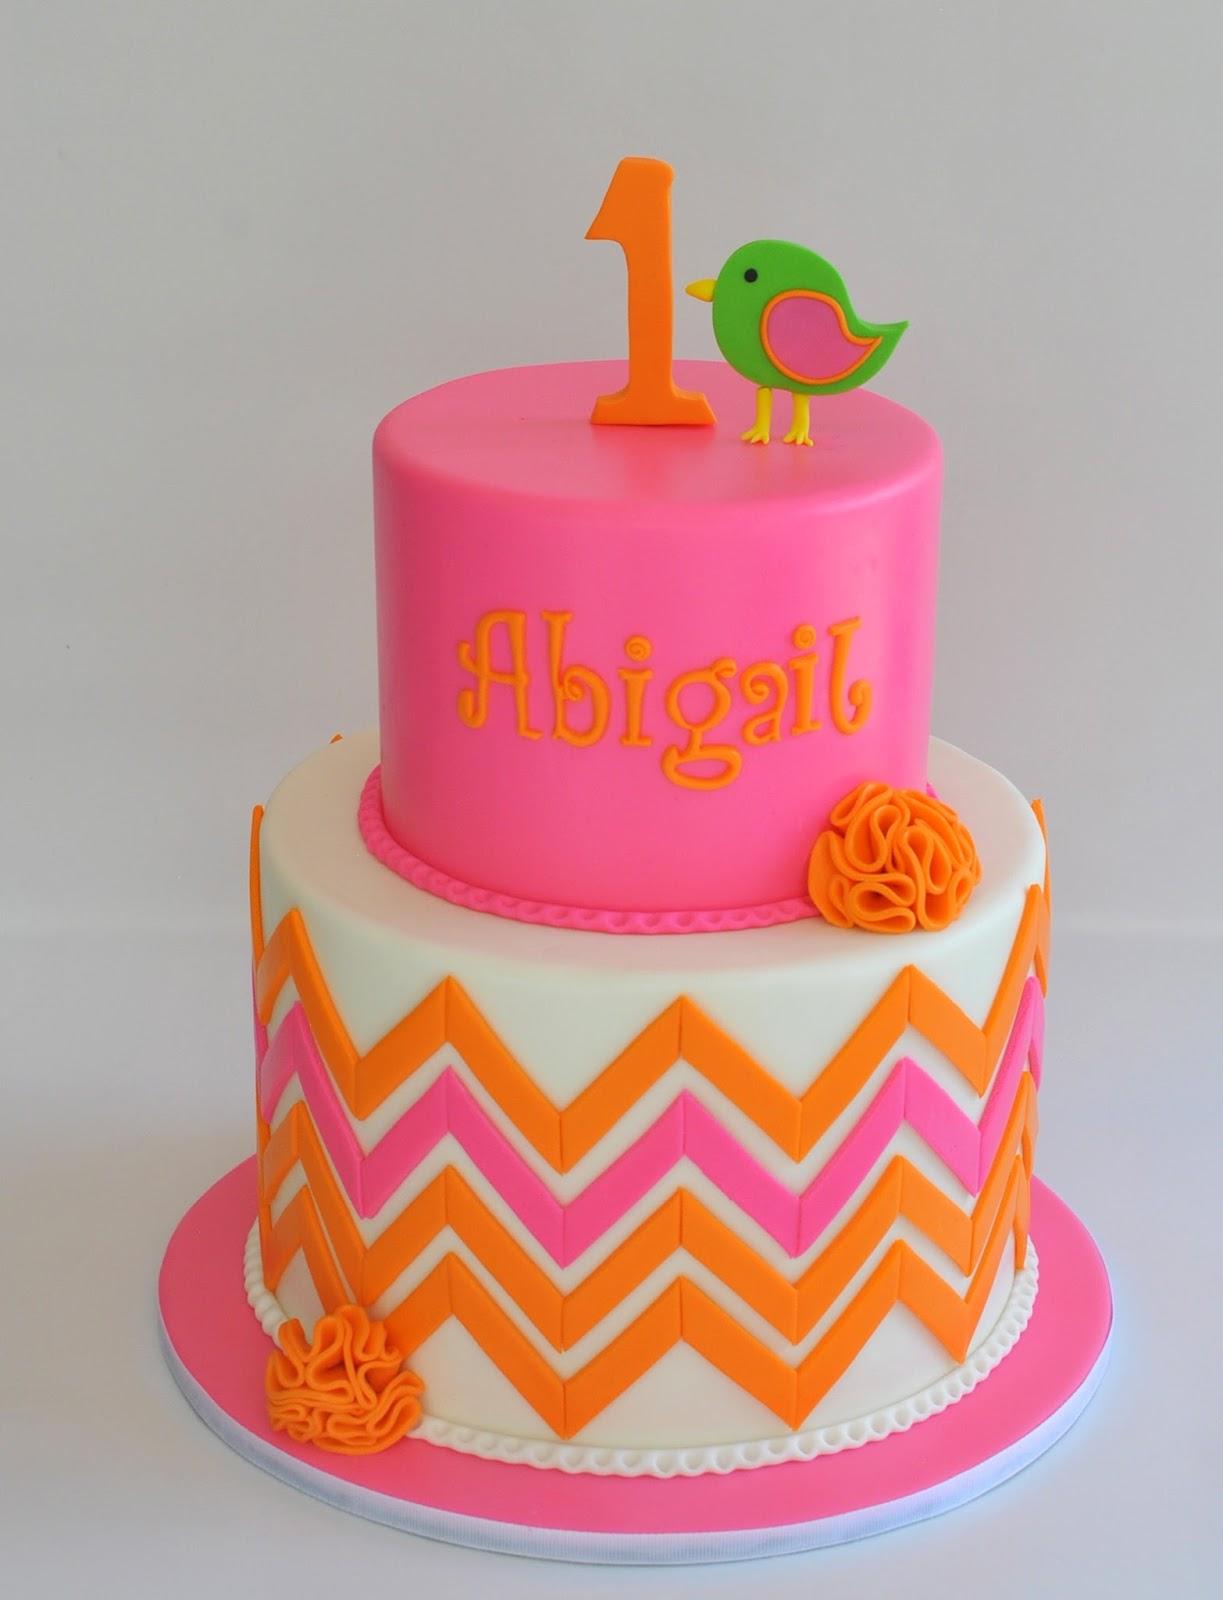 Hopes Sweet Cakes 2015